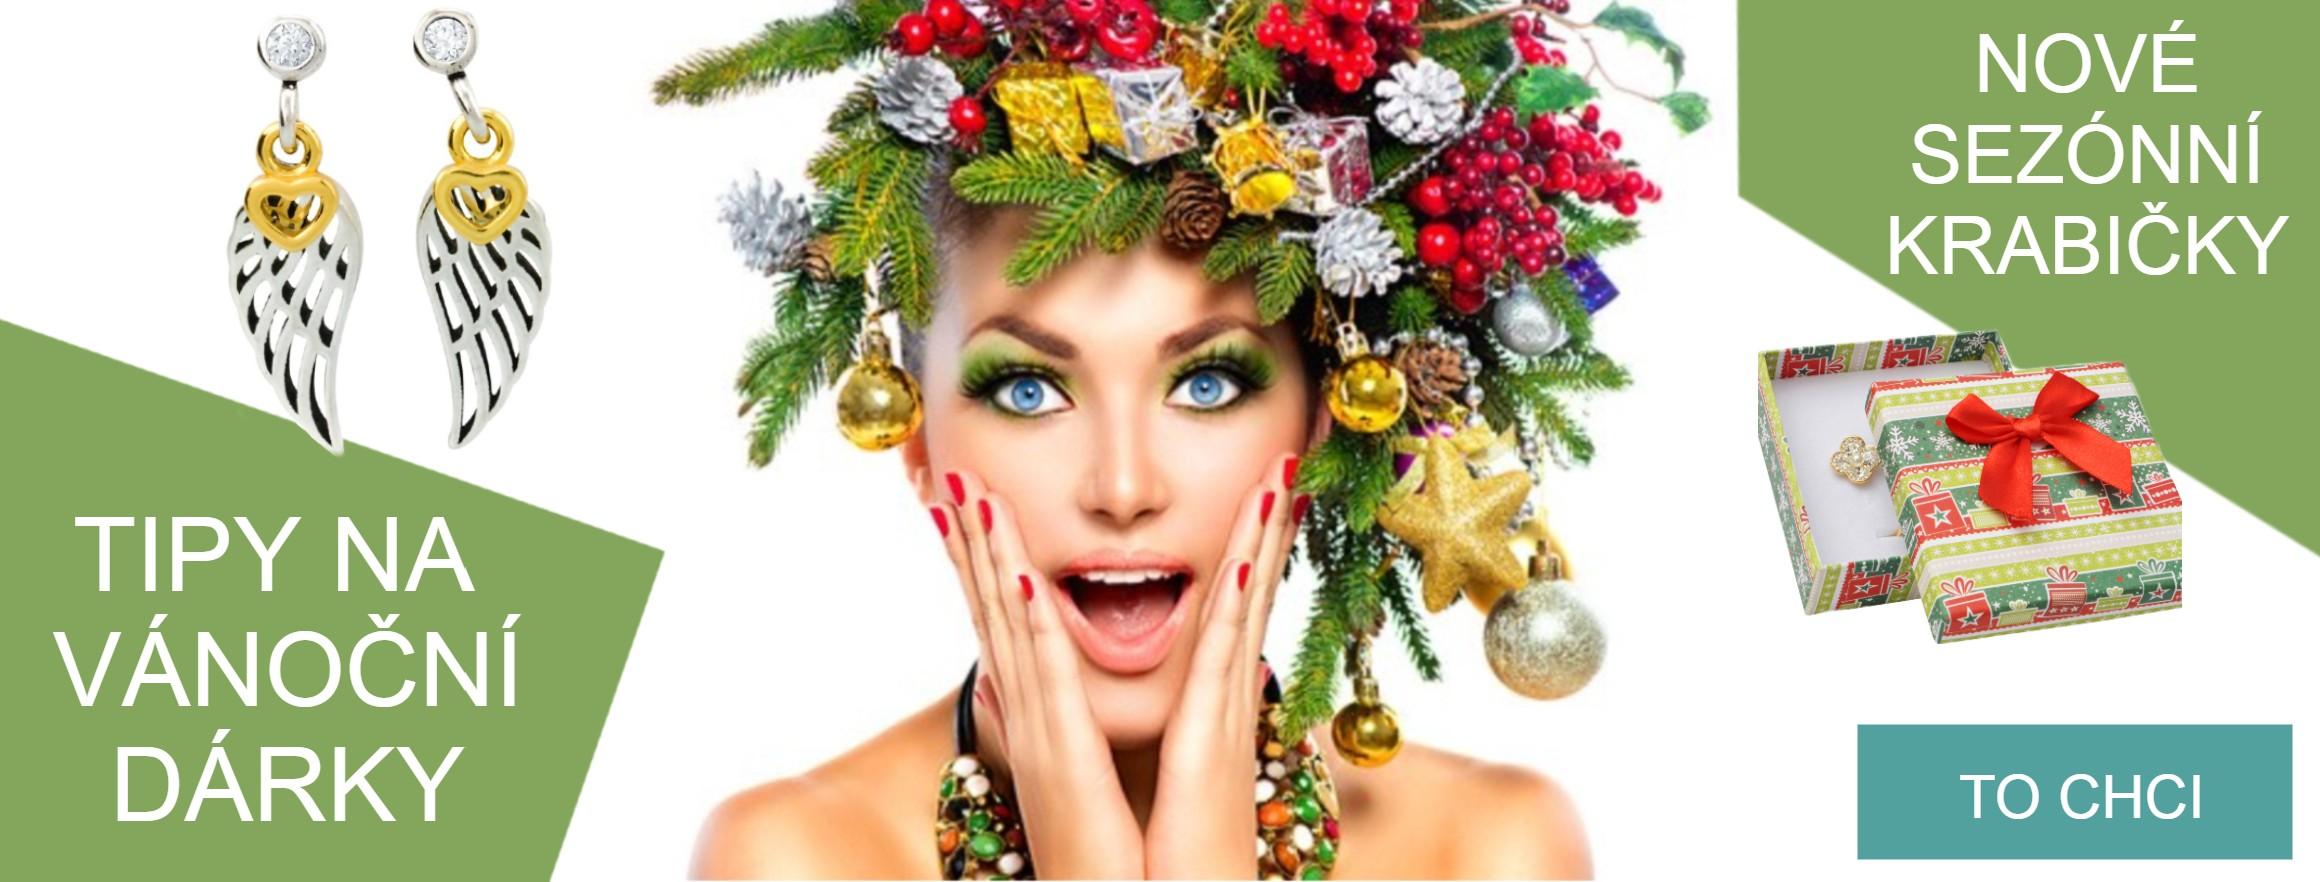 Tipy na vánoční dárky: Šperky a sezónní krabičky